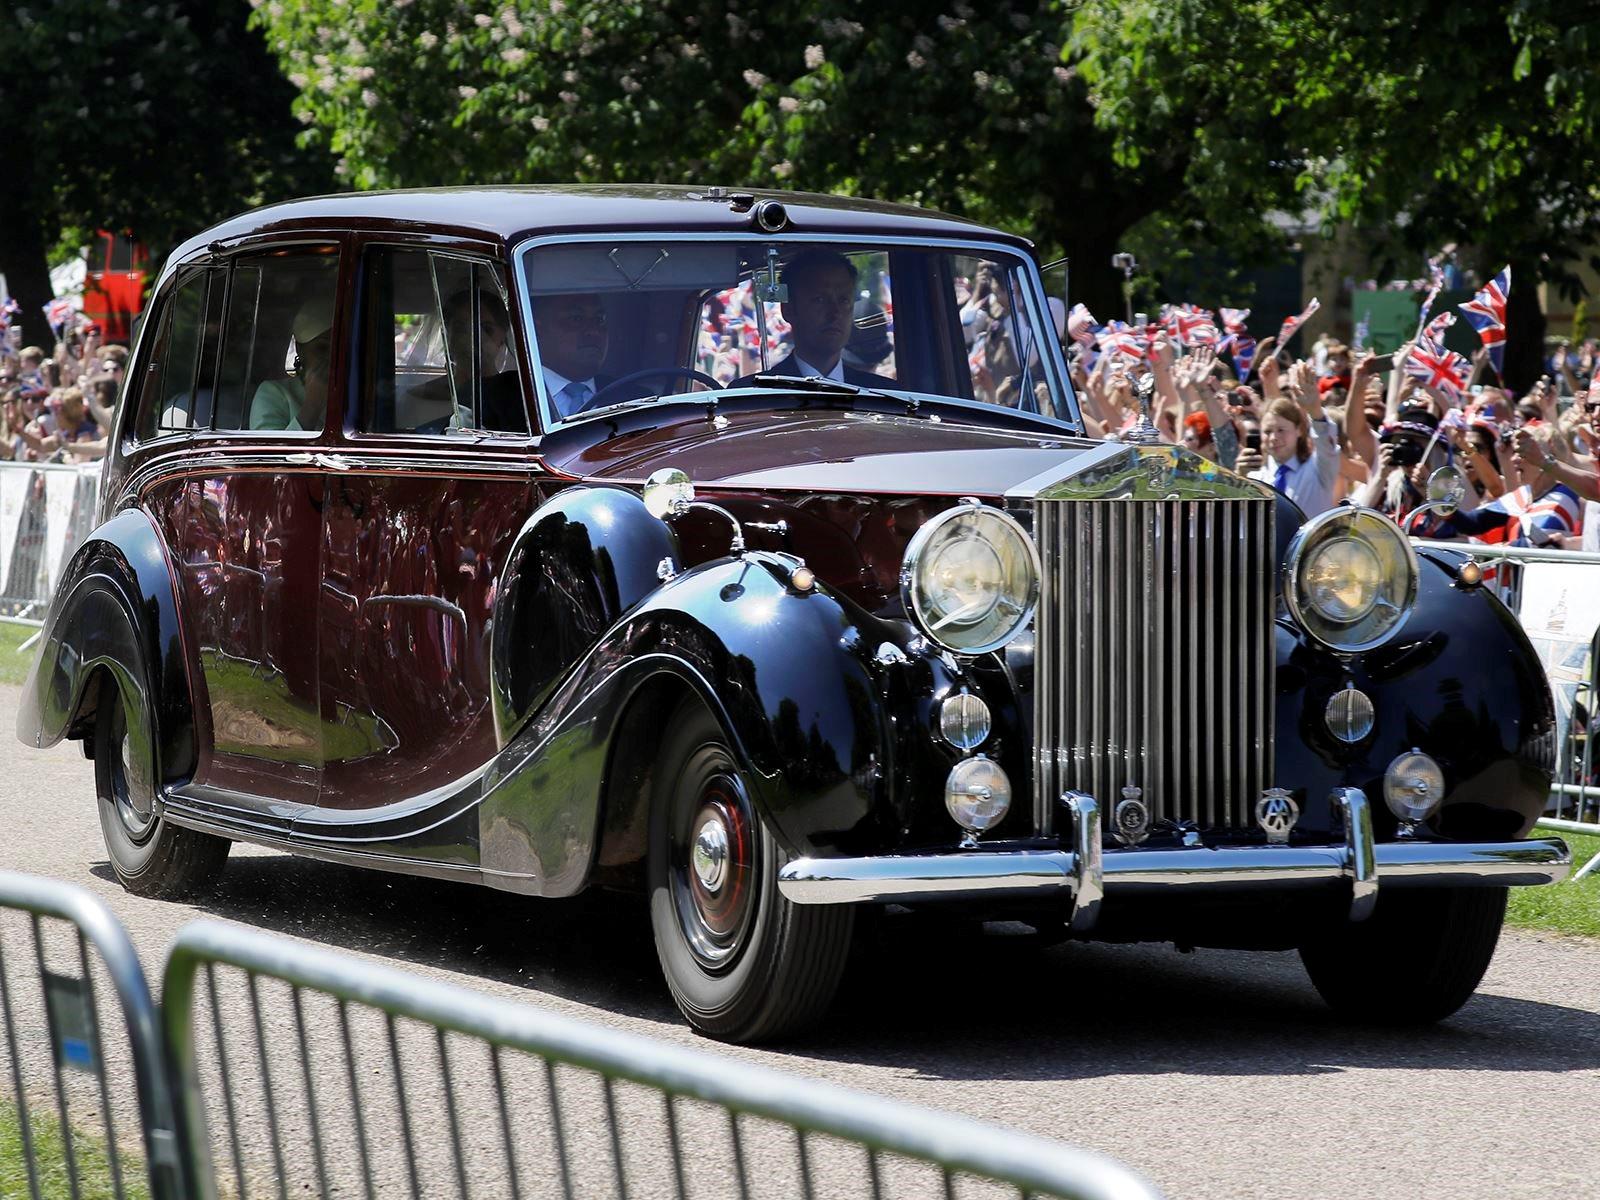 Jaguar E-Type Zero стоит около 470 000 долларов. Mini также сделал на заказ Cooper, чтобы отпраздновать королевскую свадьбу, но в отличие от Phantom IV и E-Type Zero он не столь публичный. Вместо этого он будет продан на предстоящем благотворительном